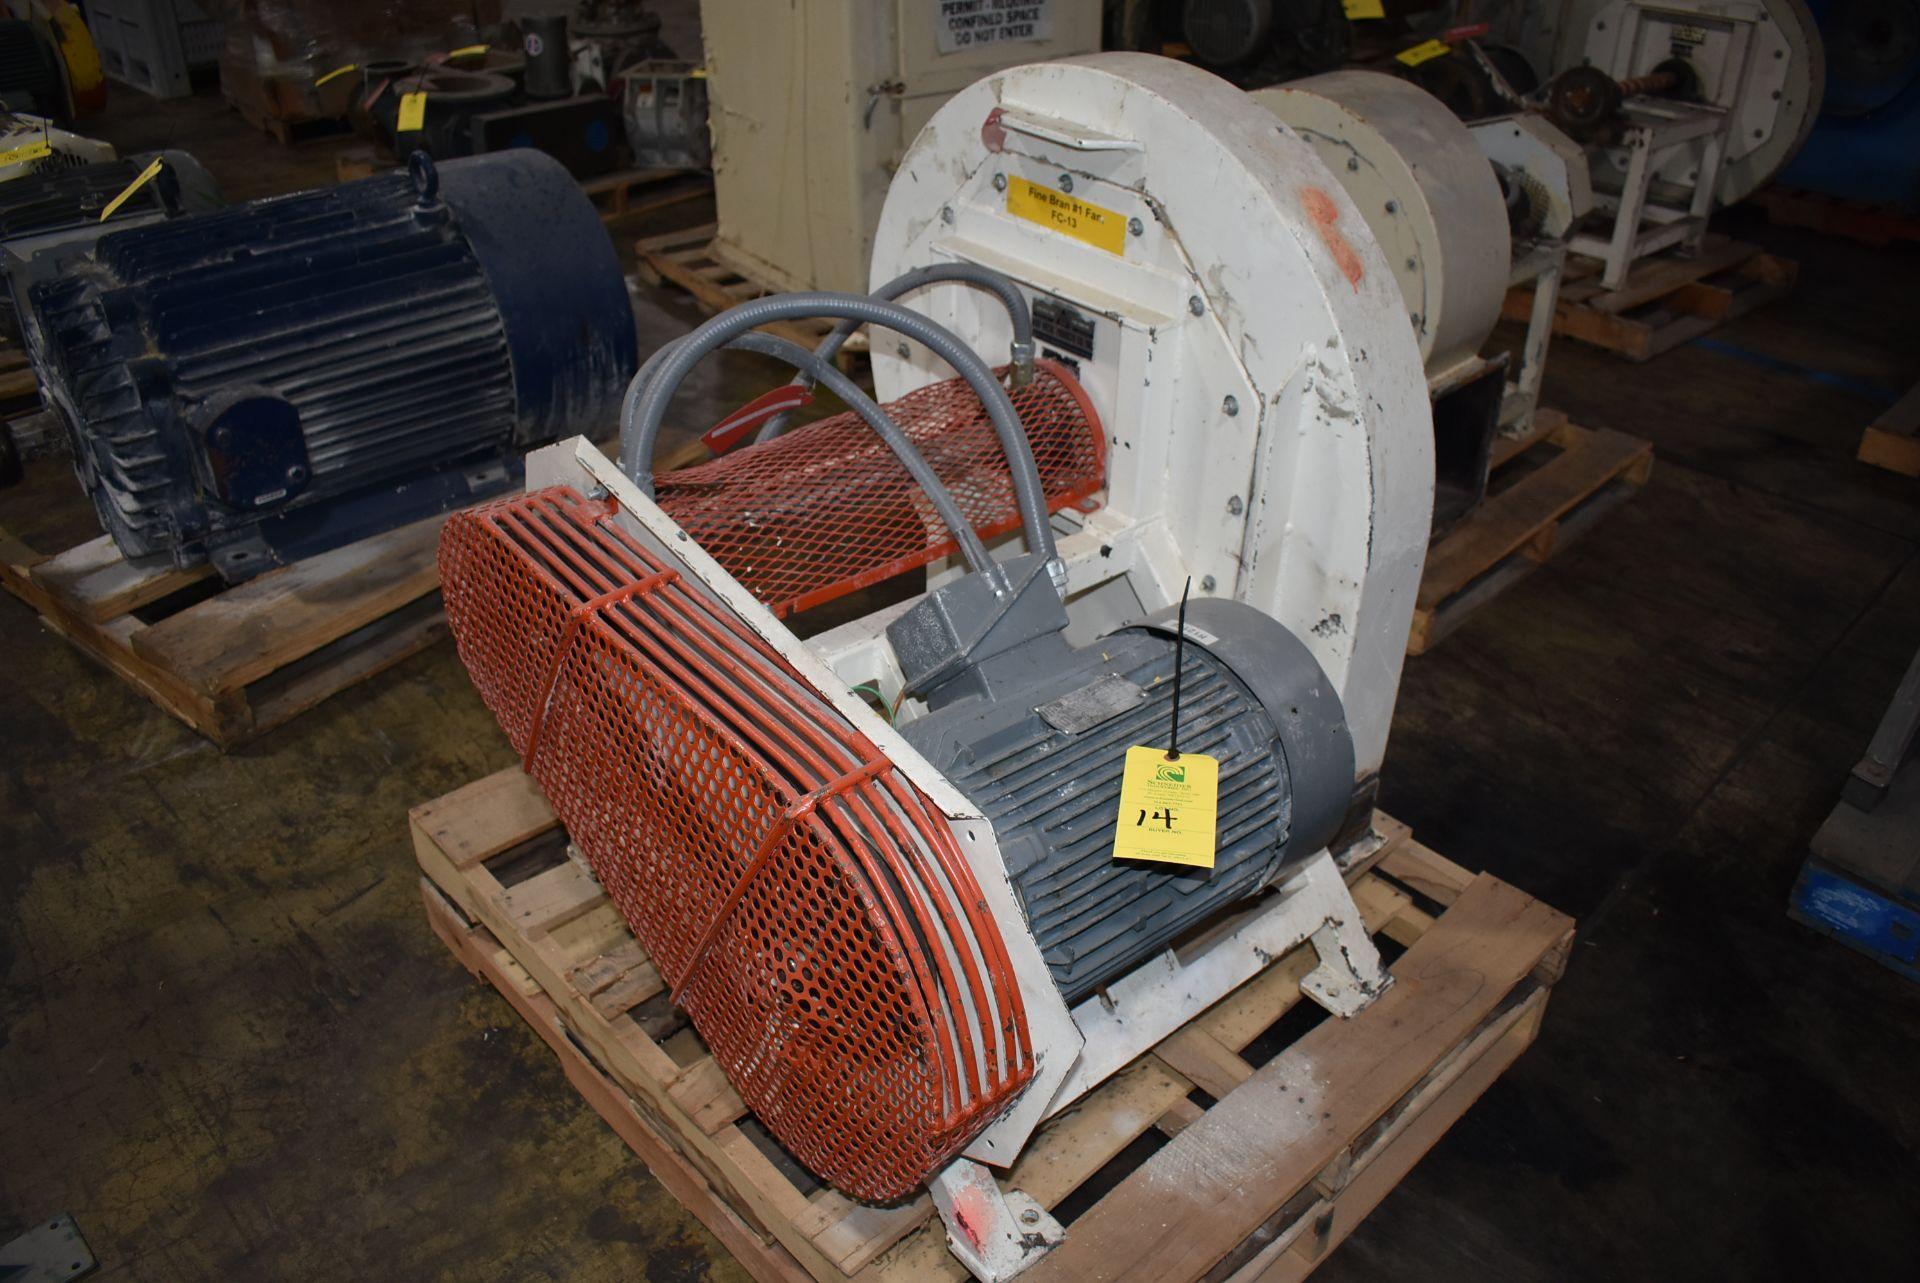 Kice Model #FC13W12-W8 Blower Unit, 15 HP Motor